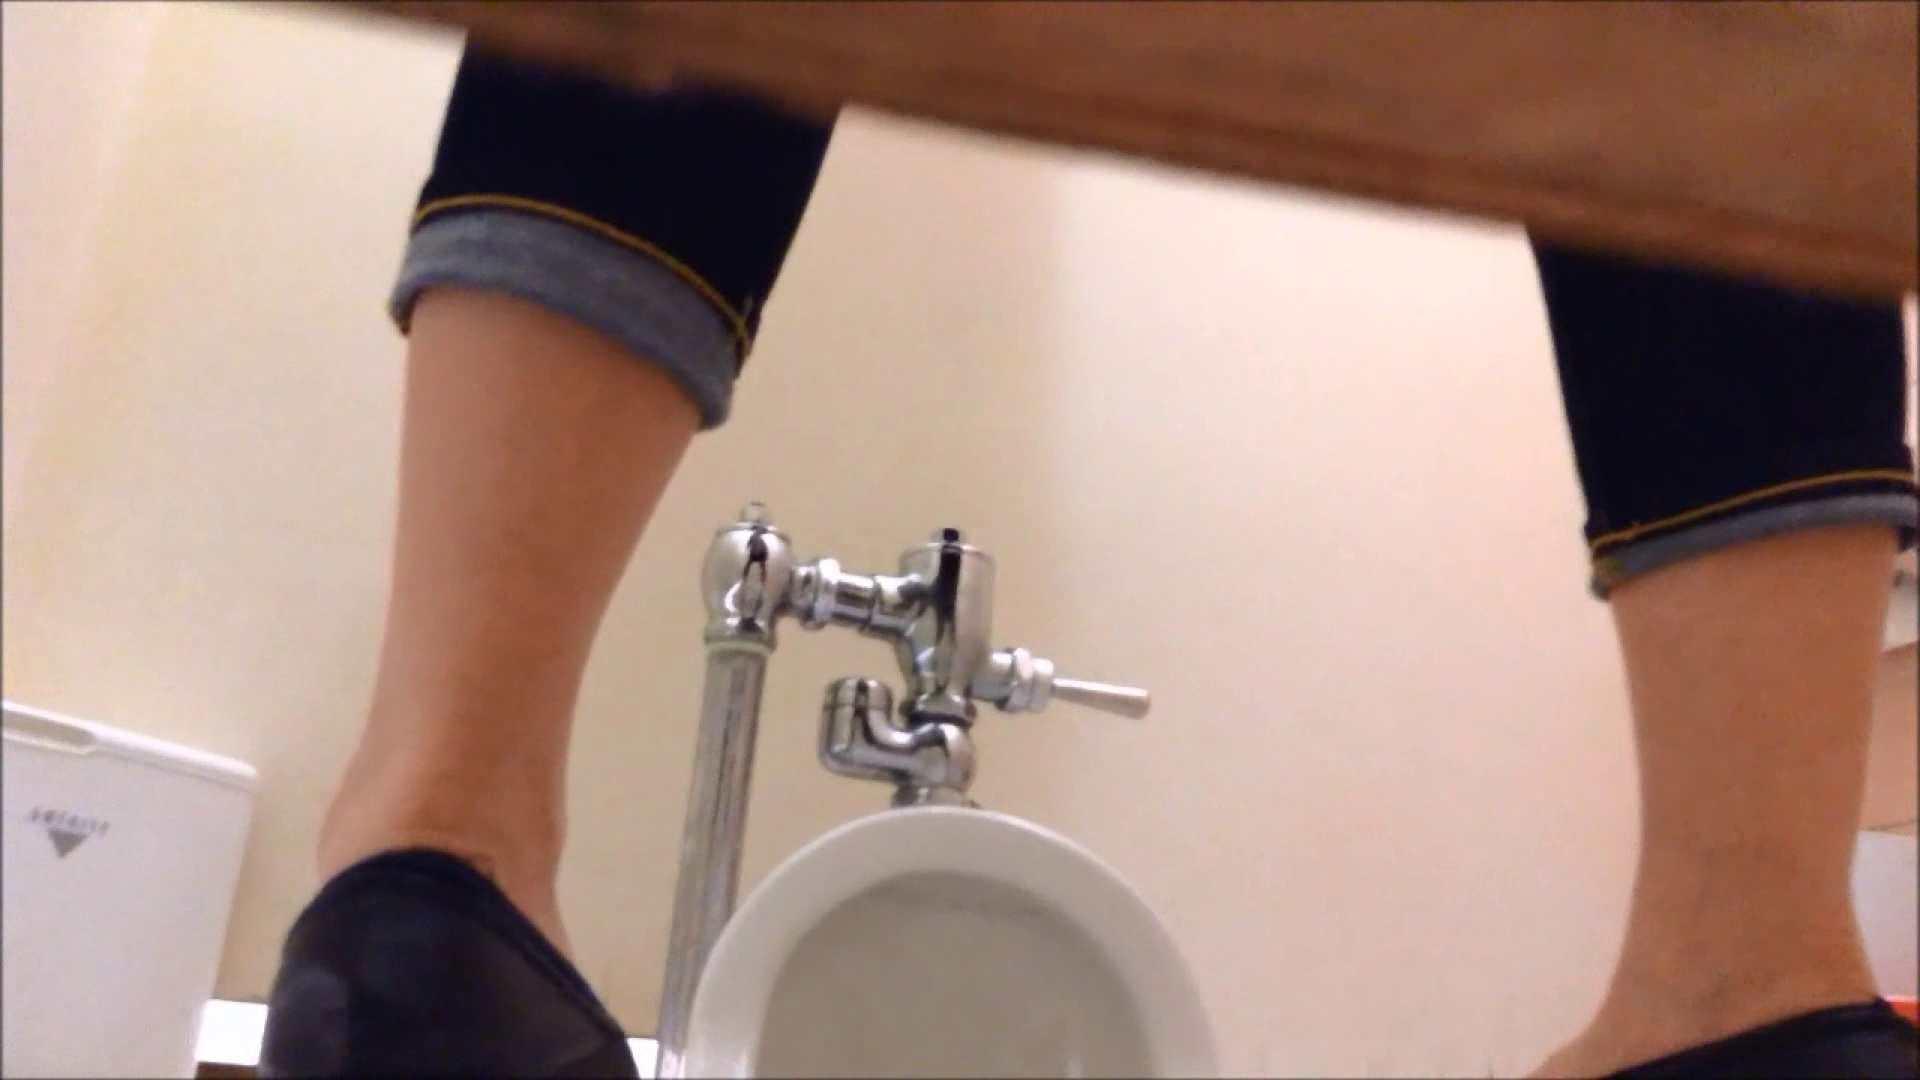 某有名大学女性洗面所 vol.17 排泄 | 洗面所  85画像 41